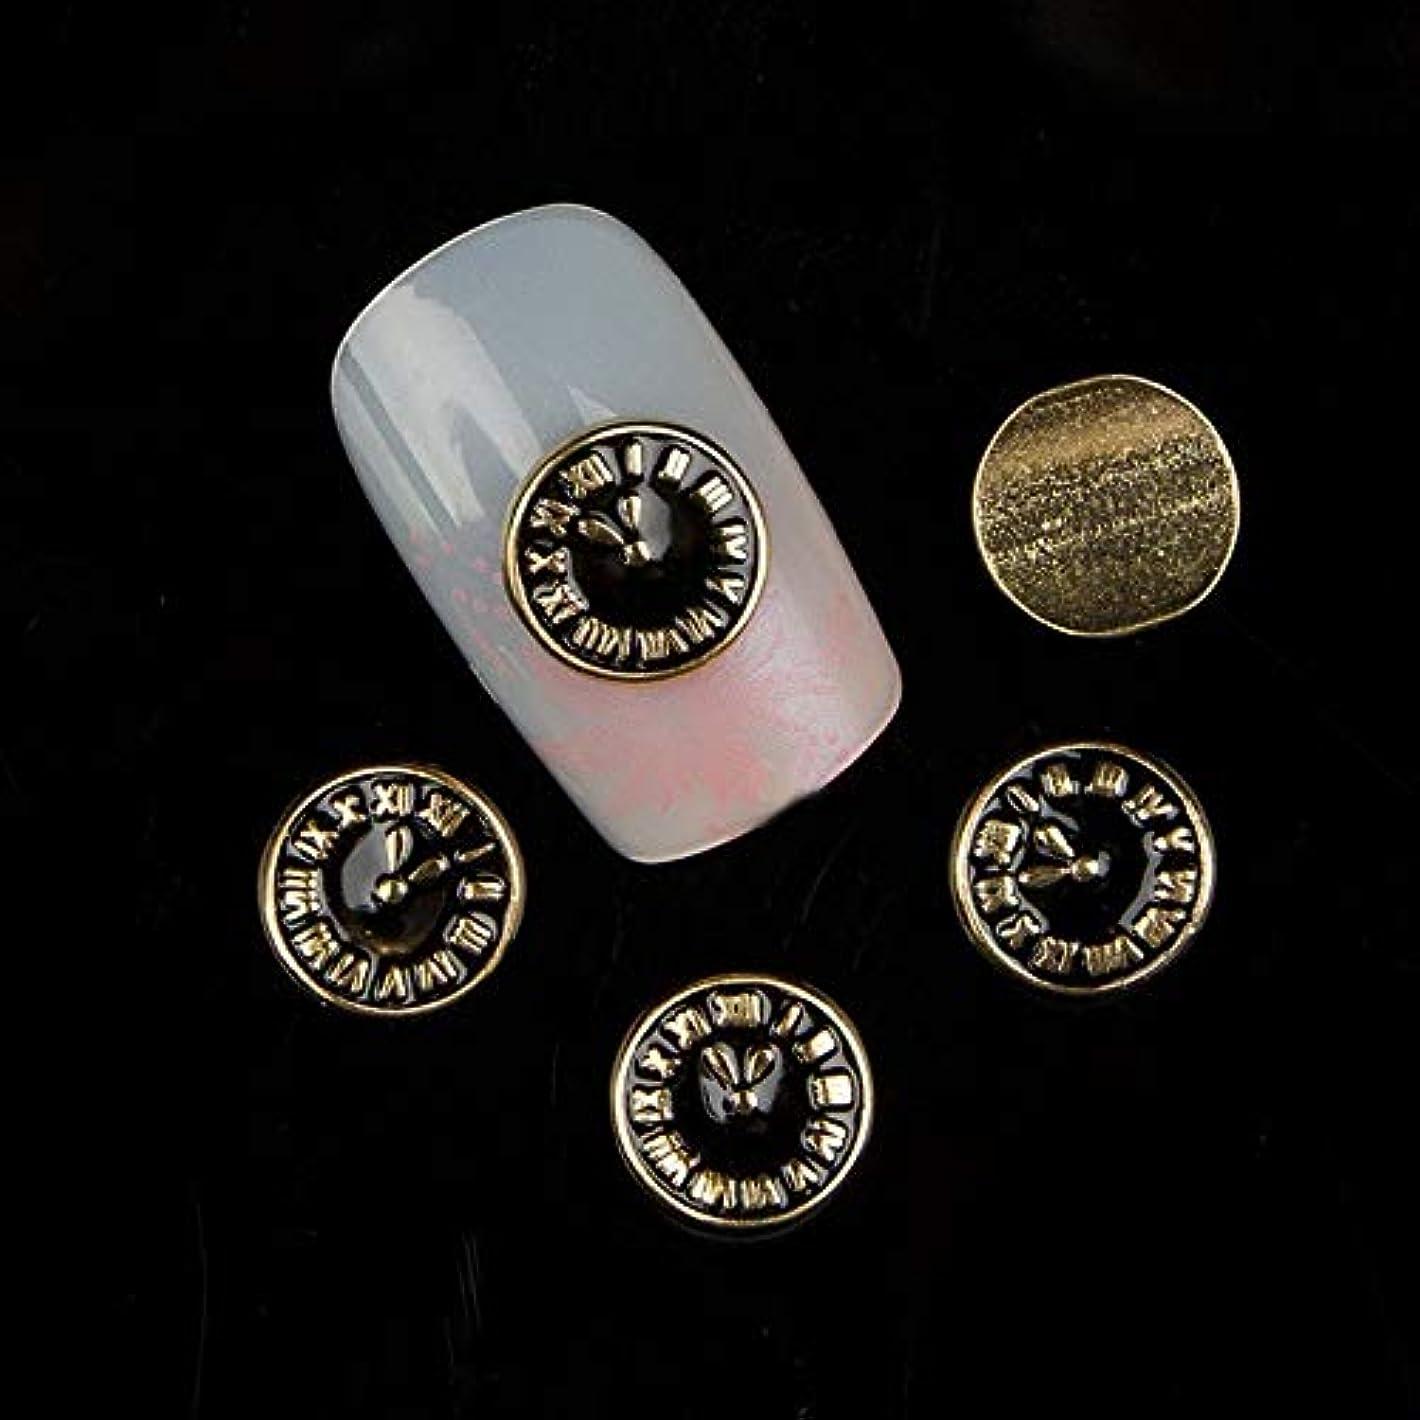 地質学契約するピクニック10個入り/ロットゴールドブラックネイル合金スタッド3Dメタル時計ネイルアートの装飾マニキュアデザイン